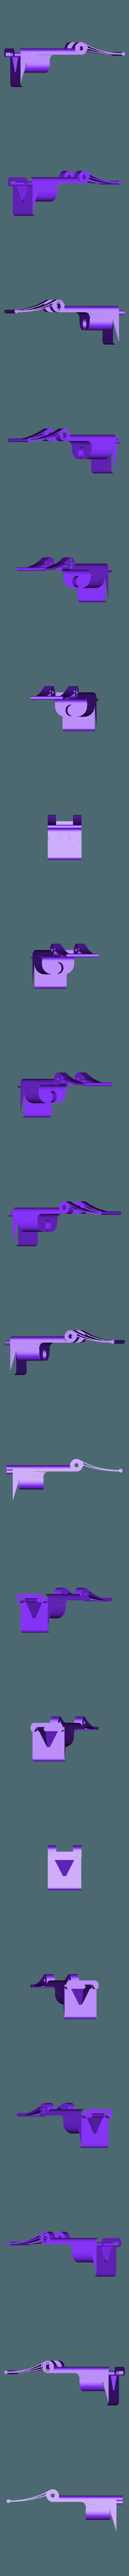 MountLockSpringloadedUNTESTED.stl Télécharger fichier STL gratuit Support de téléphone pour lit IKEA STUVA / FRITIDS • Plan pour impression 3D, Milan_Gajic